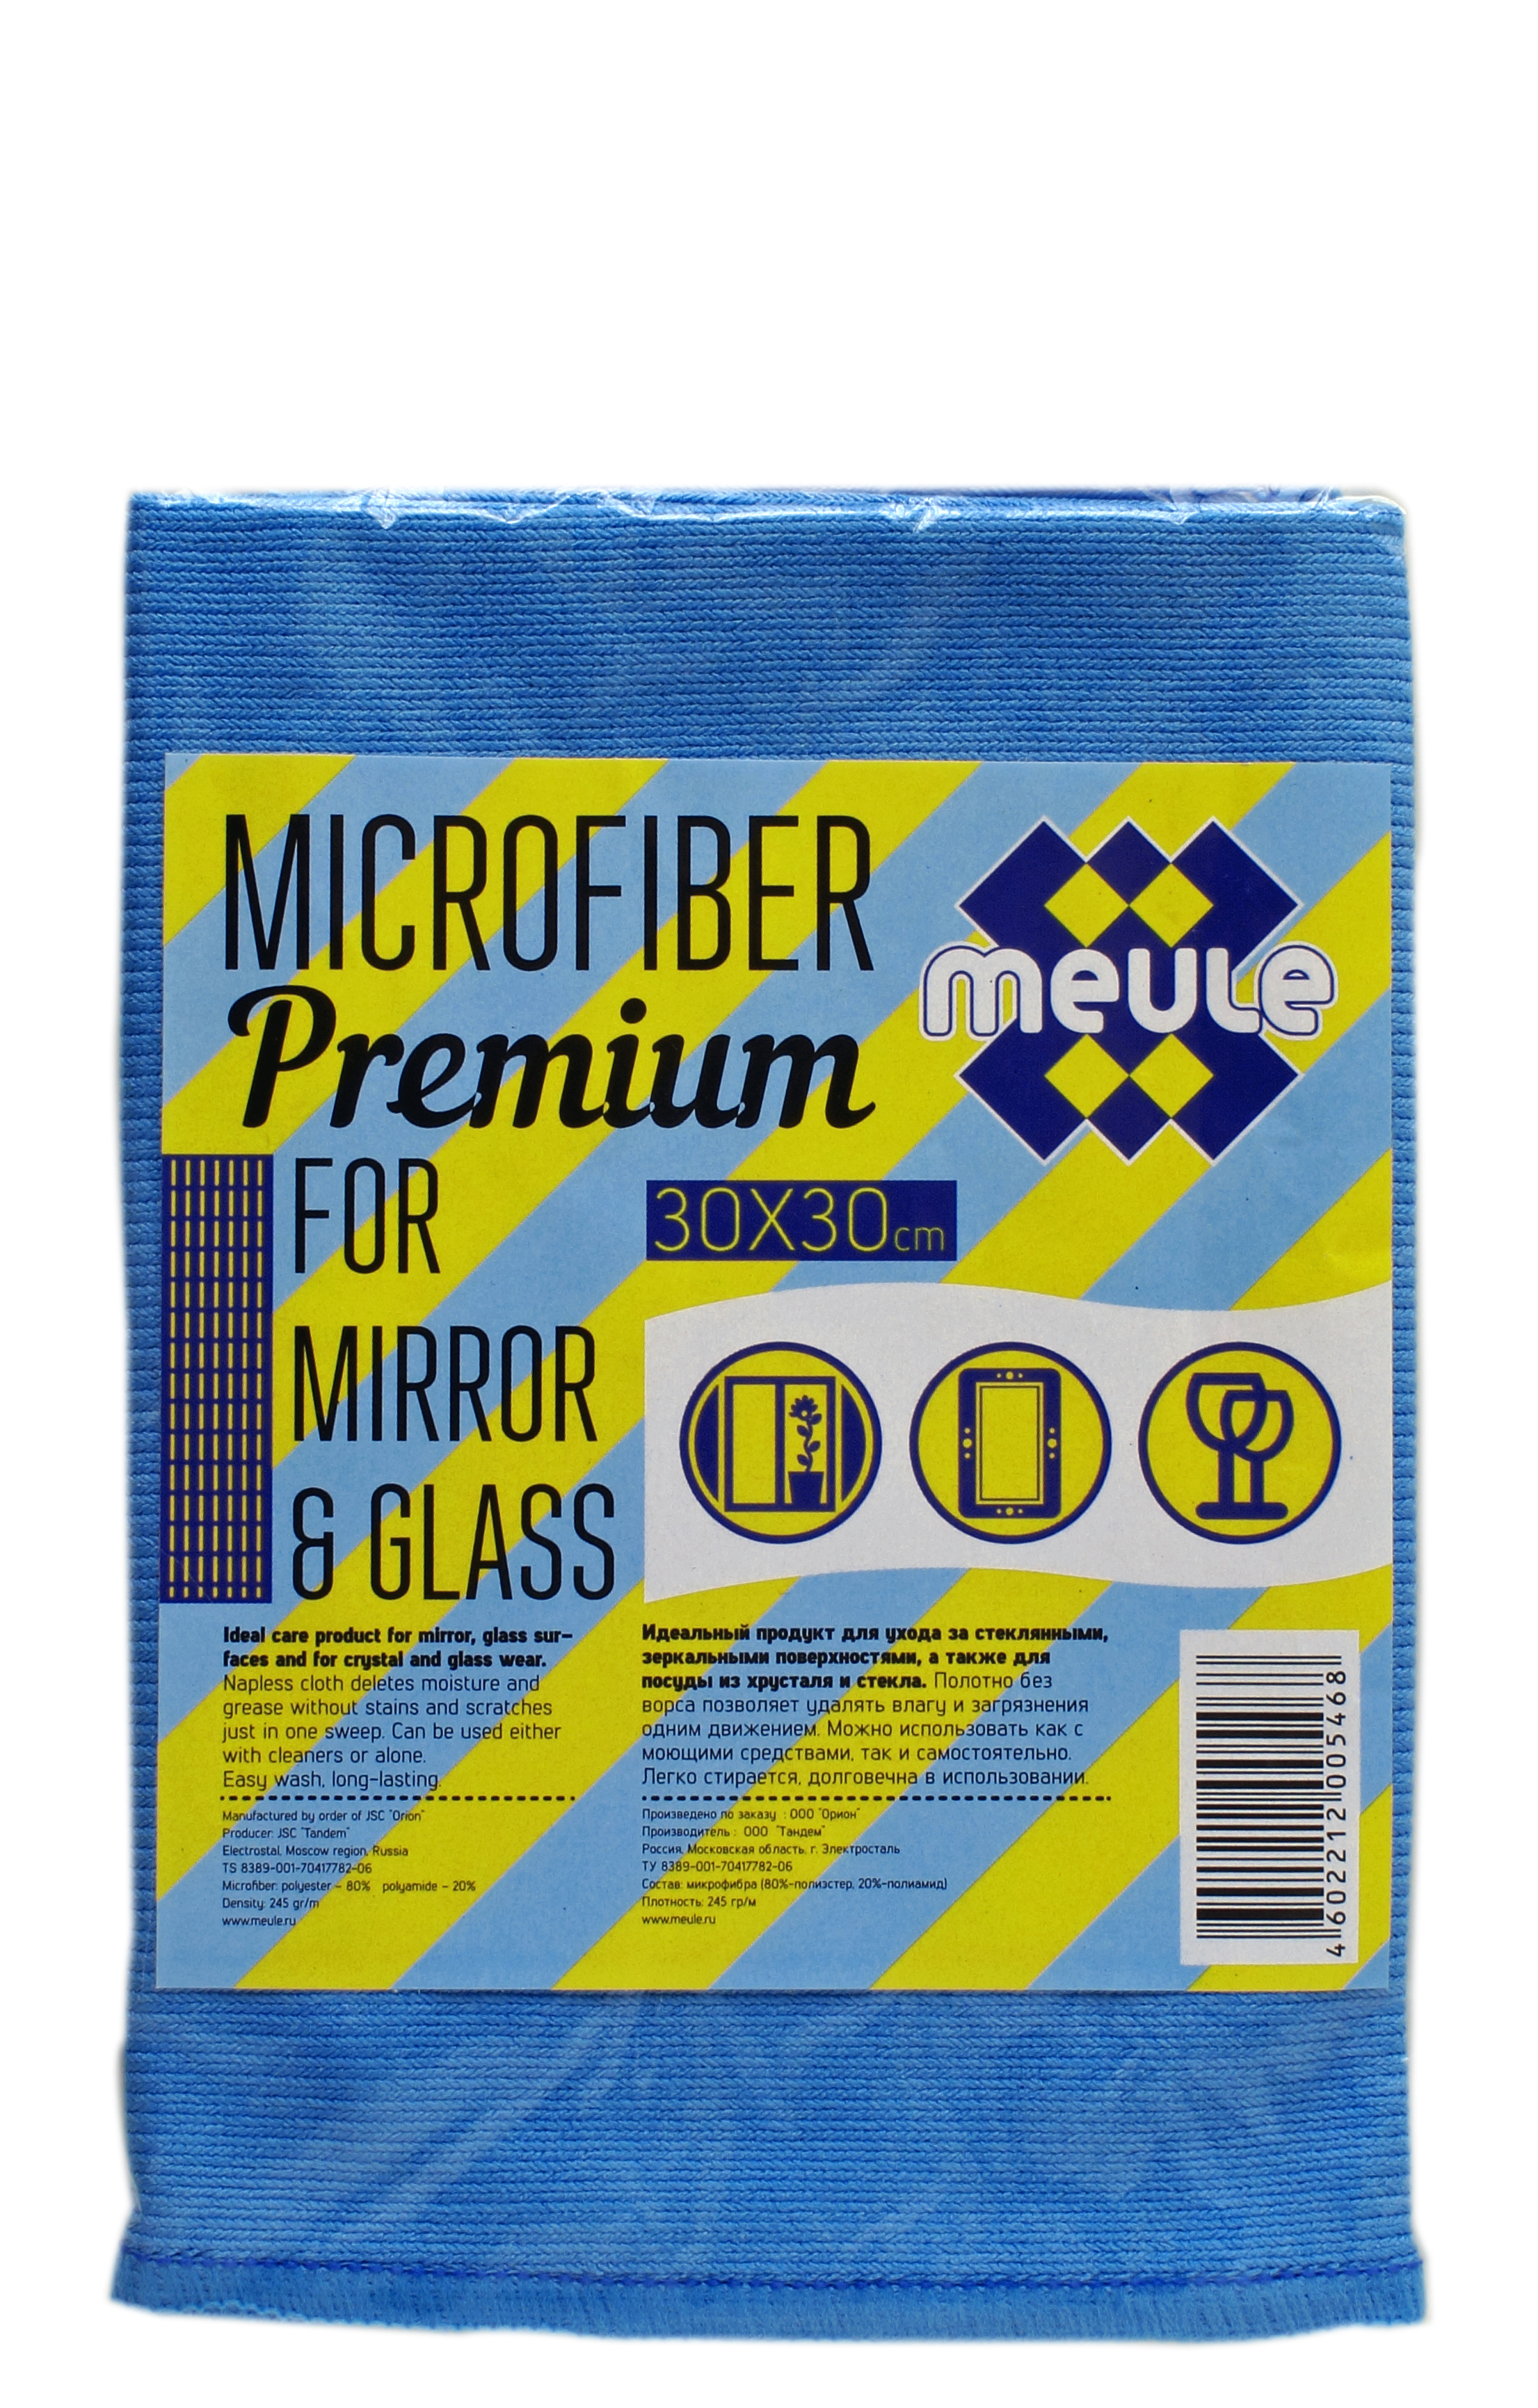 Салфетка Meule, для уборки стеклянных и зеркальных поверхностей, 30 х 30 см салфетка meule для уборки стеклянных и зеркальных поверхностей 30 х 30 см